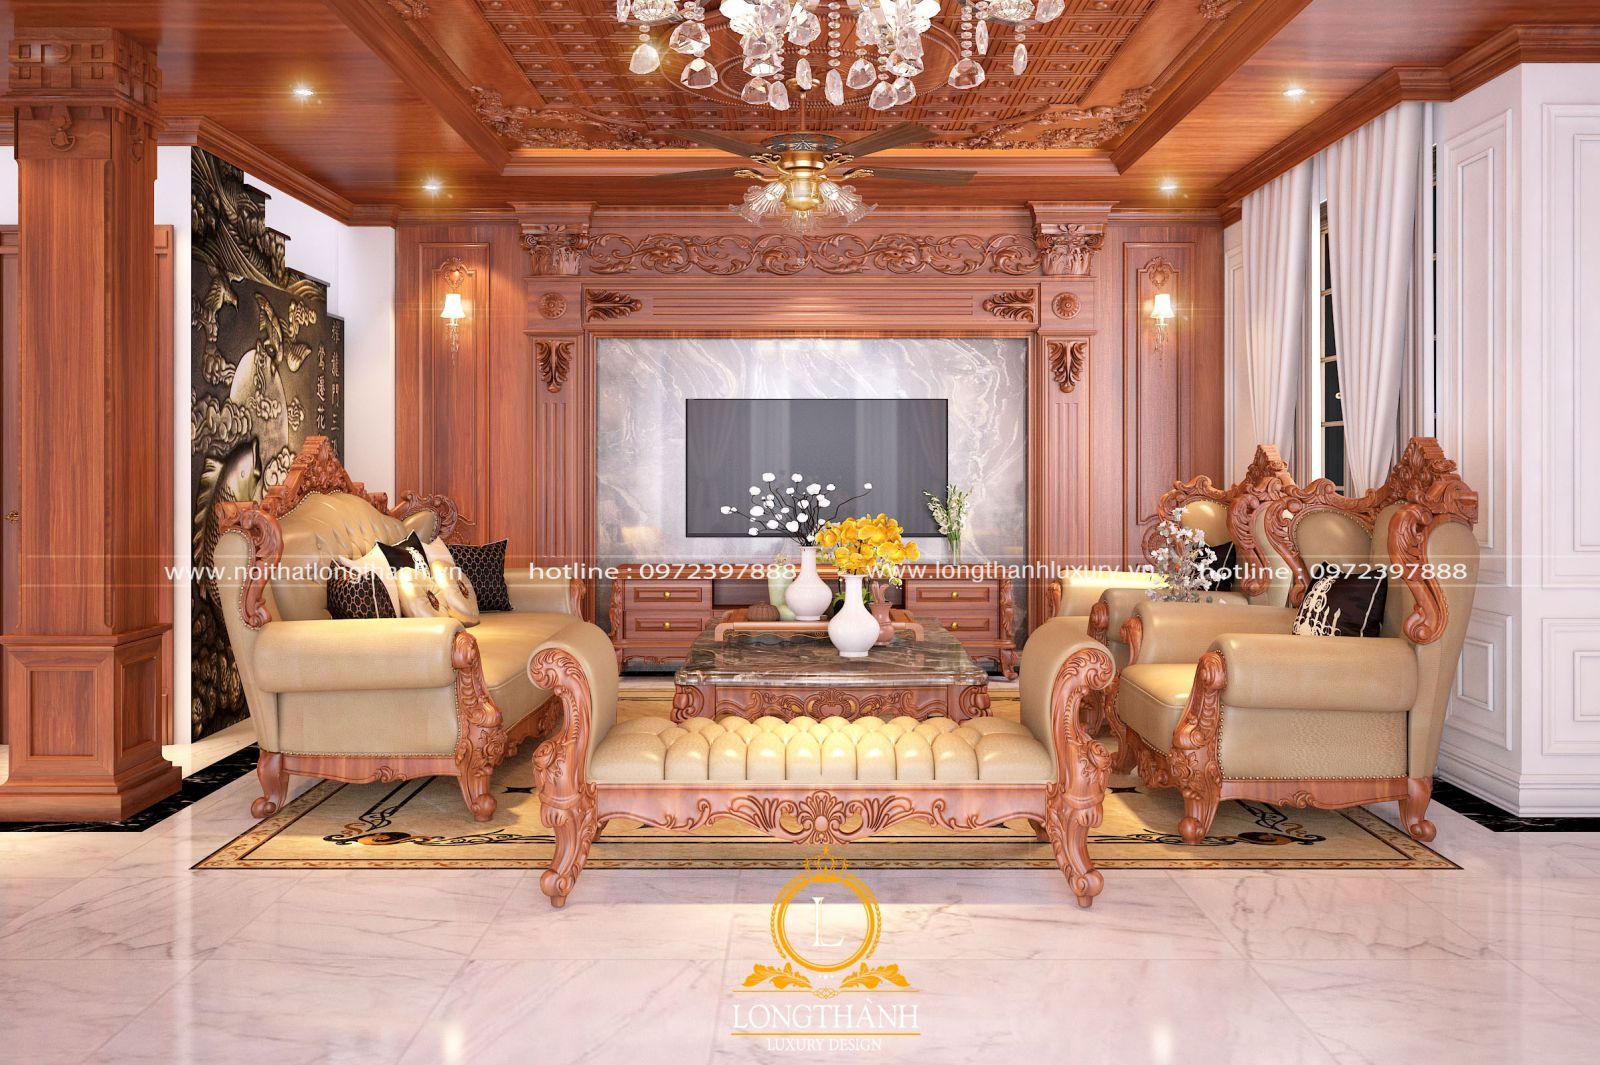 Nội thất phòng khách gỗ Gõ đỏ đẹp